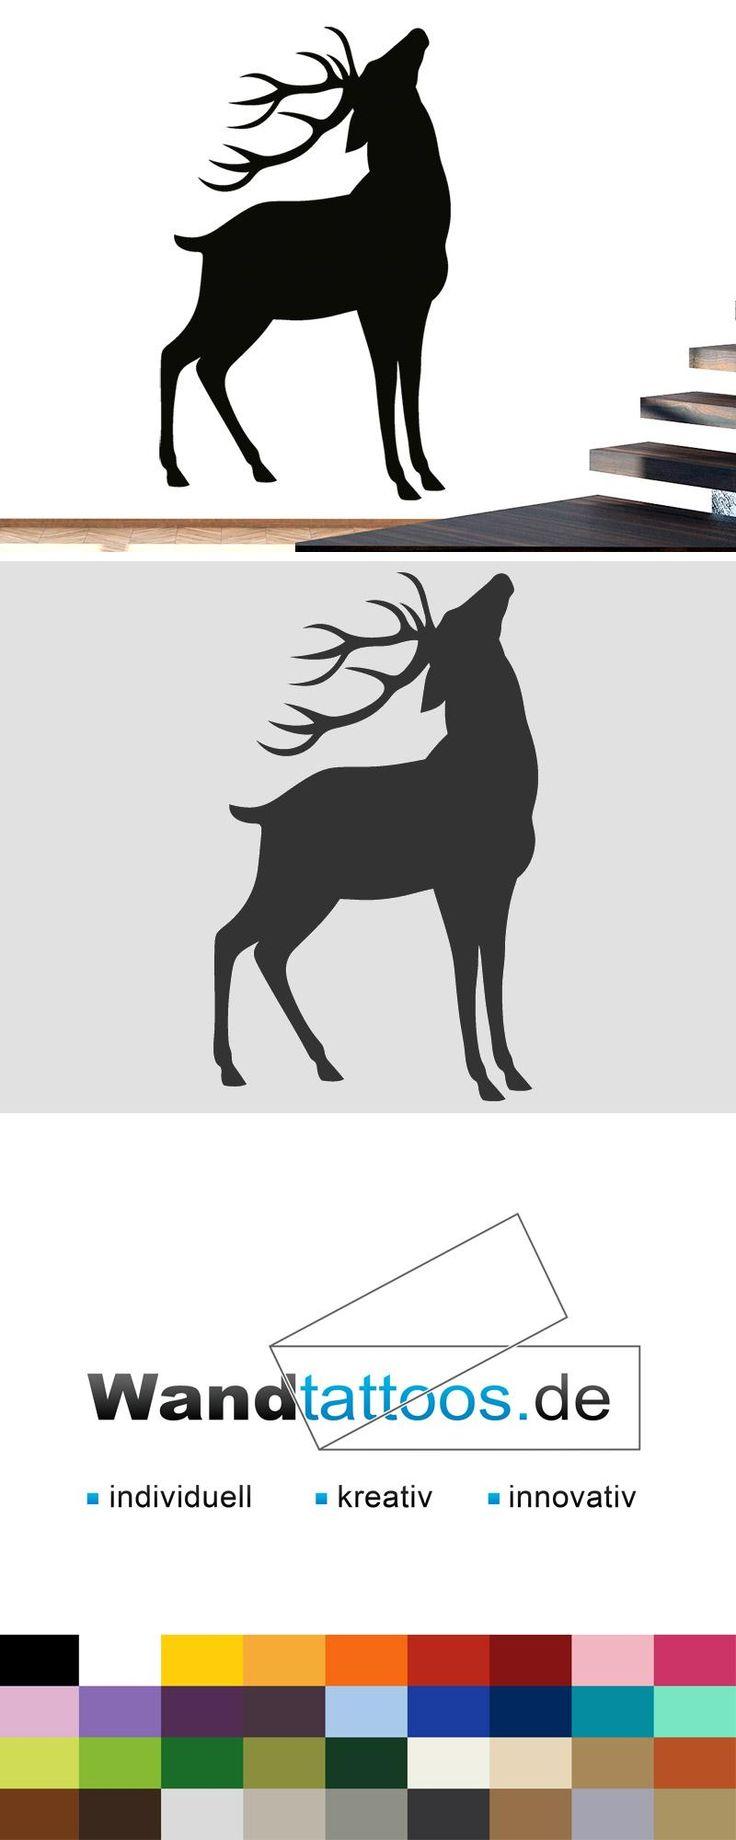 Wandtattoo Röhrender Hirsch als Idee zur individuellen Wandgestaltung. Einfach Lieblingsfarbe und Größe auswählen. Weitere kreative Anregungen von Wandtattoos.de hier entdecken!